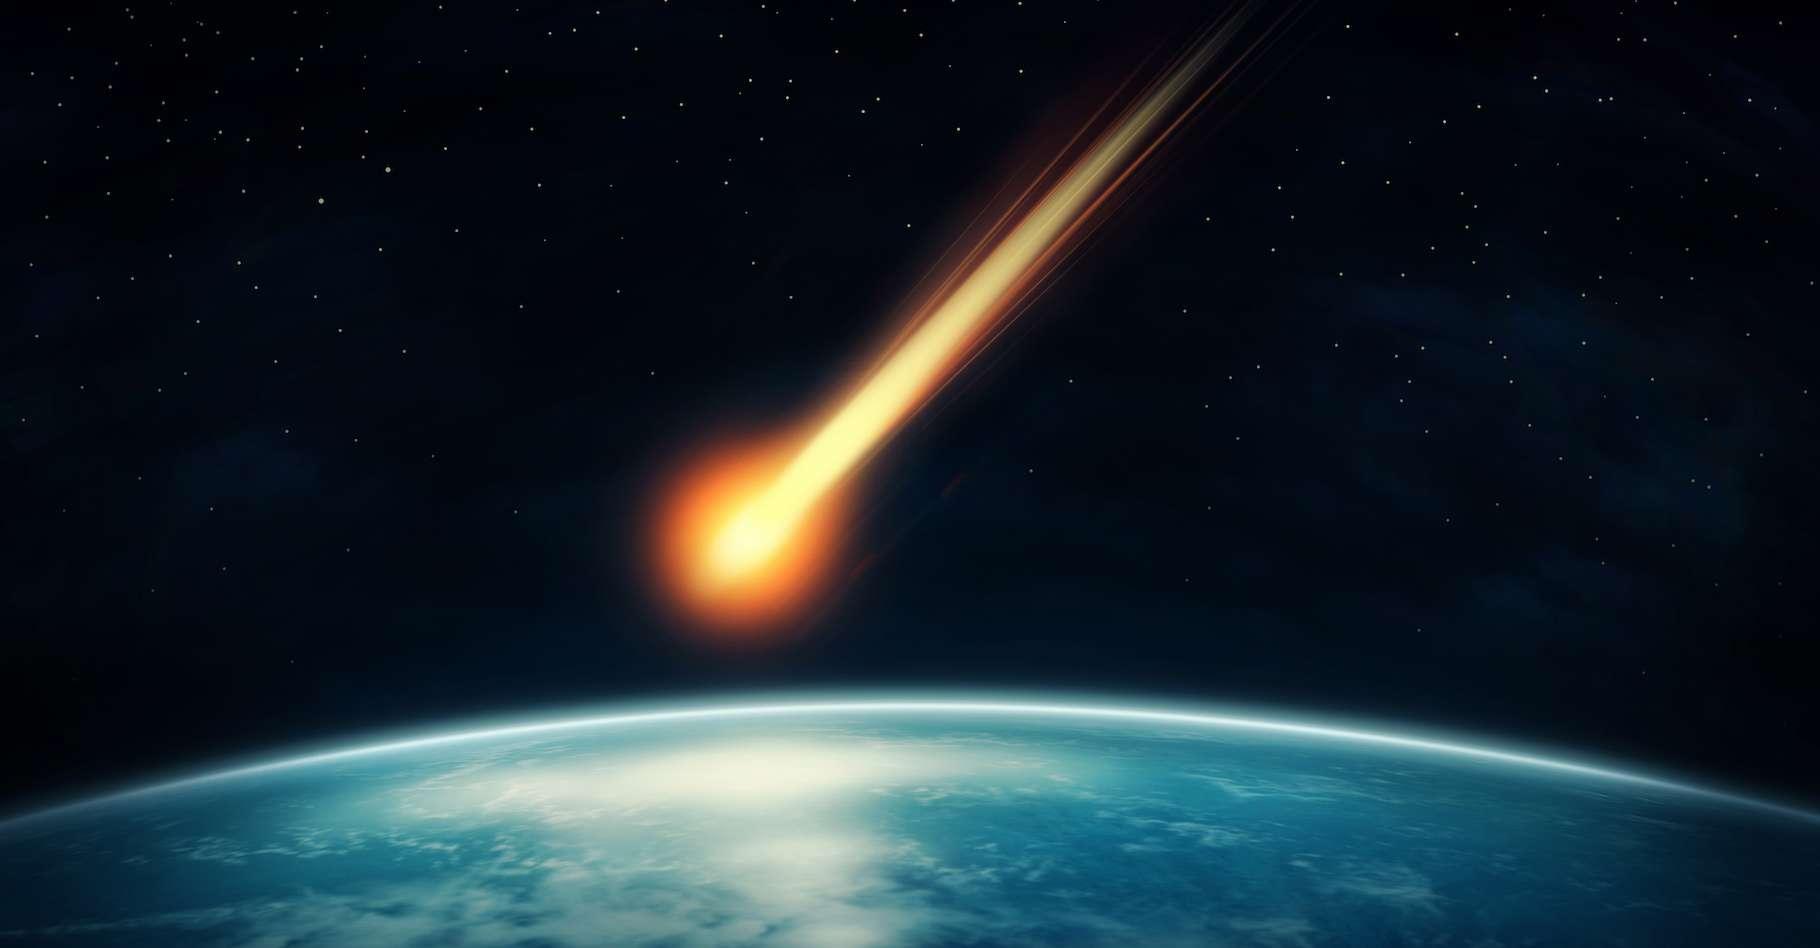 Un météoroïde d'origine inconnue a récemment ricoché sur l'atmosphère de la Terre. © Elena Schweitzer, Adobe Stock